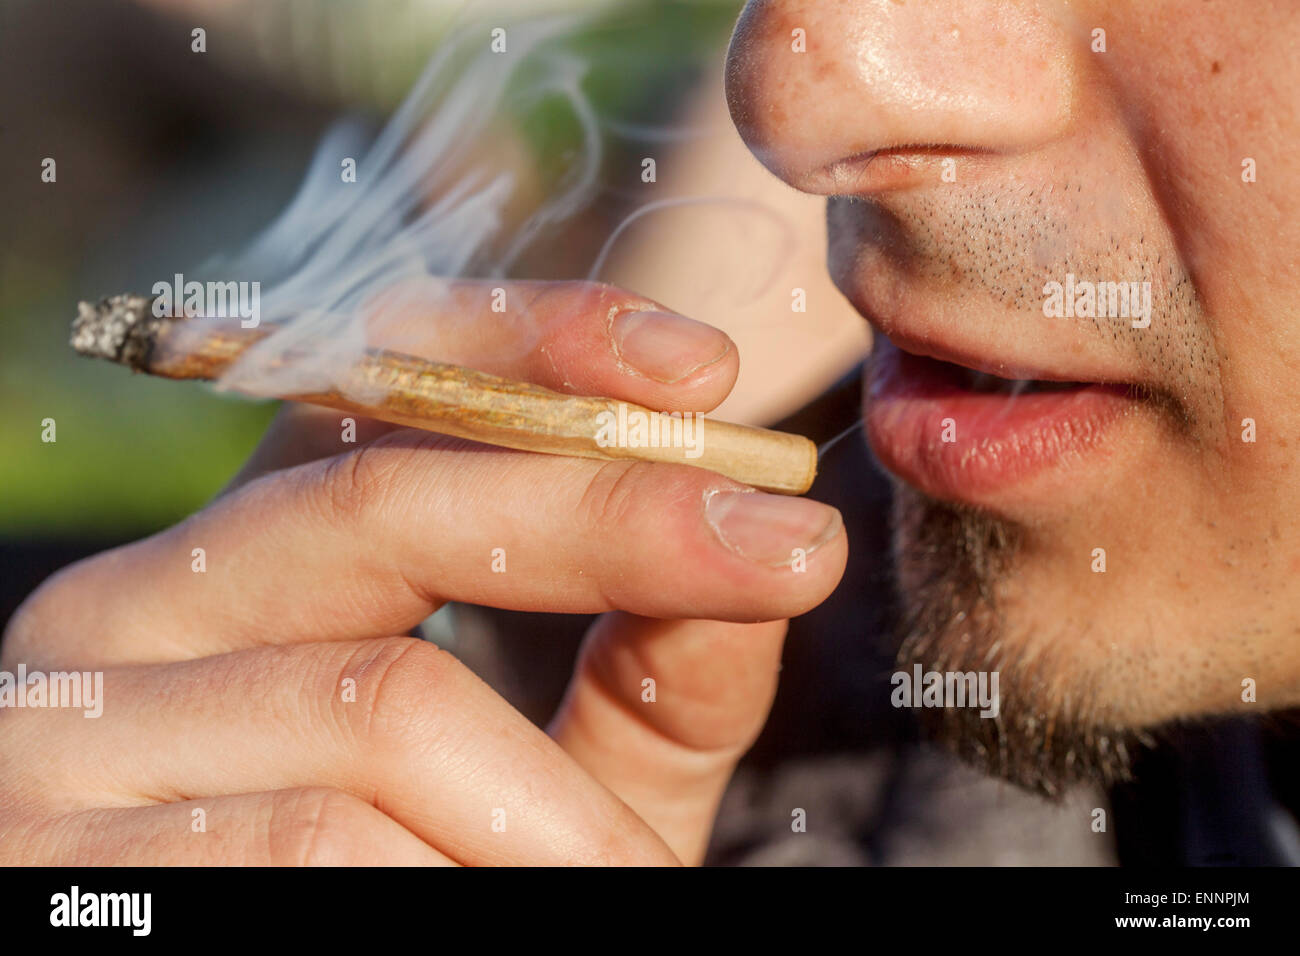 Close up, man smoking marijuana joint - Stock Image